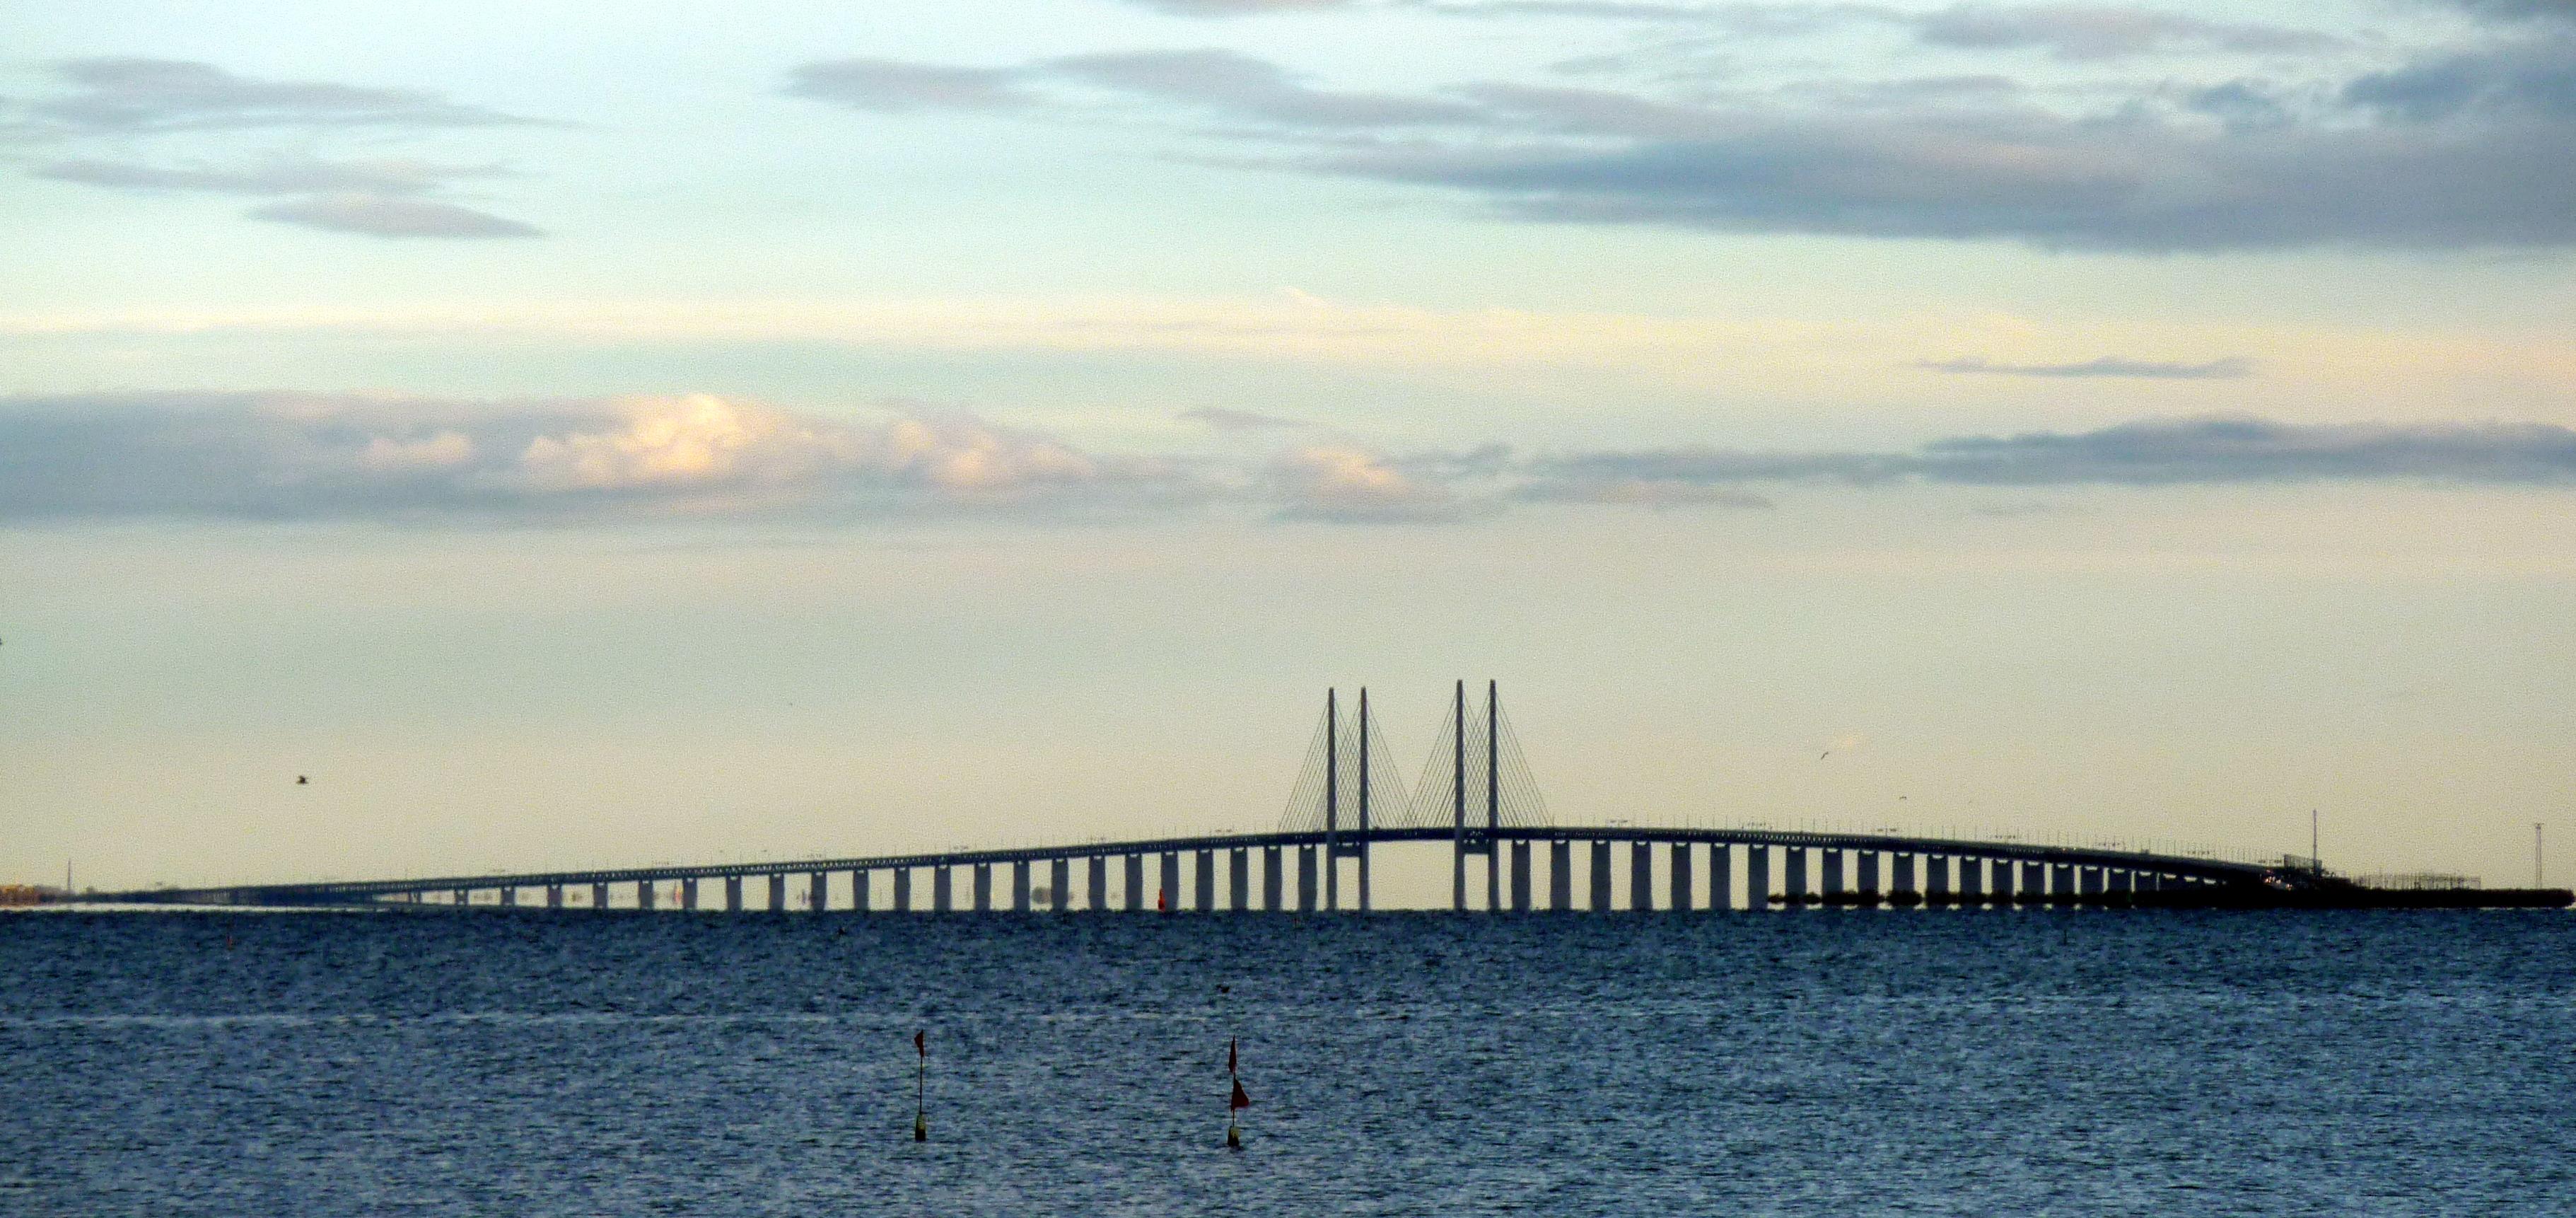 Эресуннский мост. Вид с залива Эресунн. Источник https://upload.wikimedia.org/